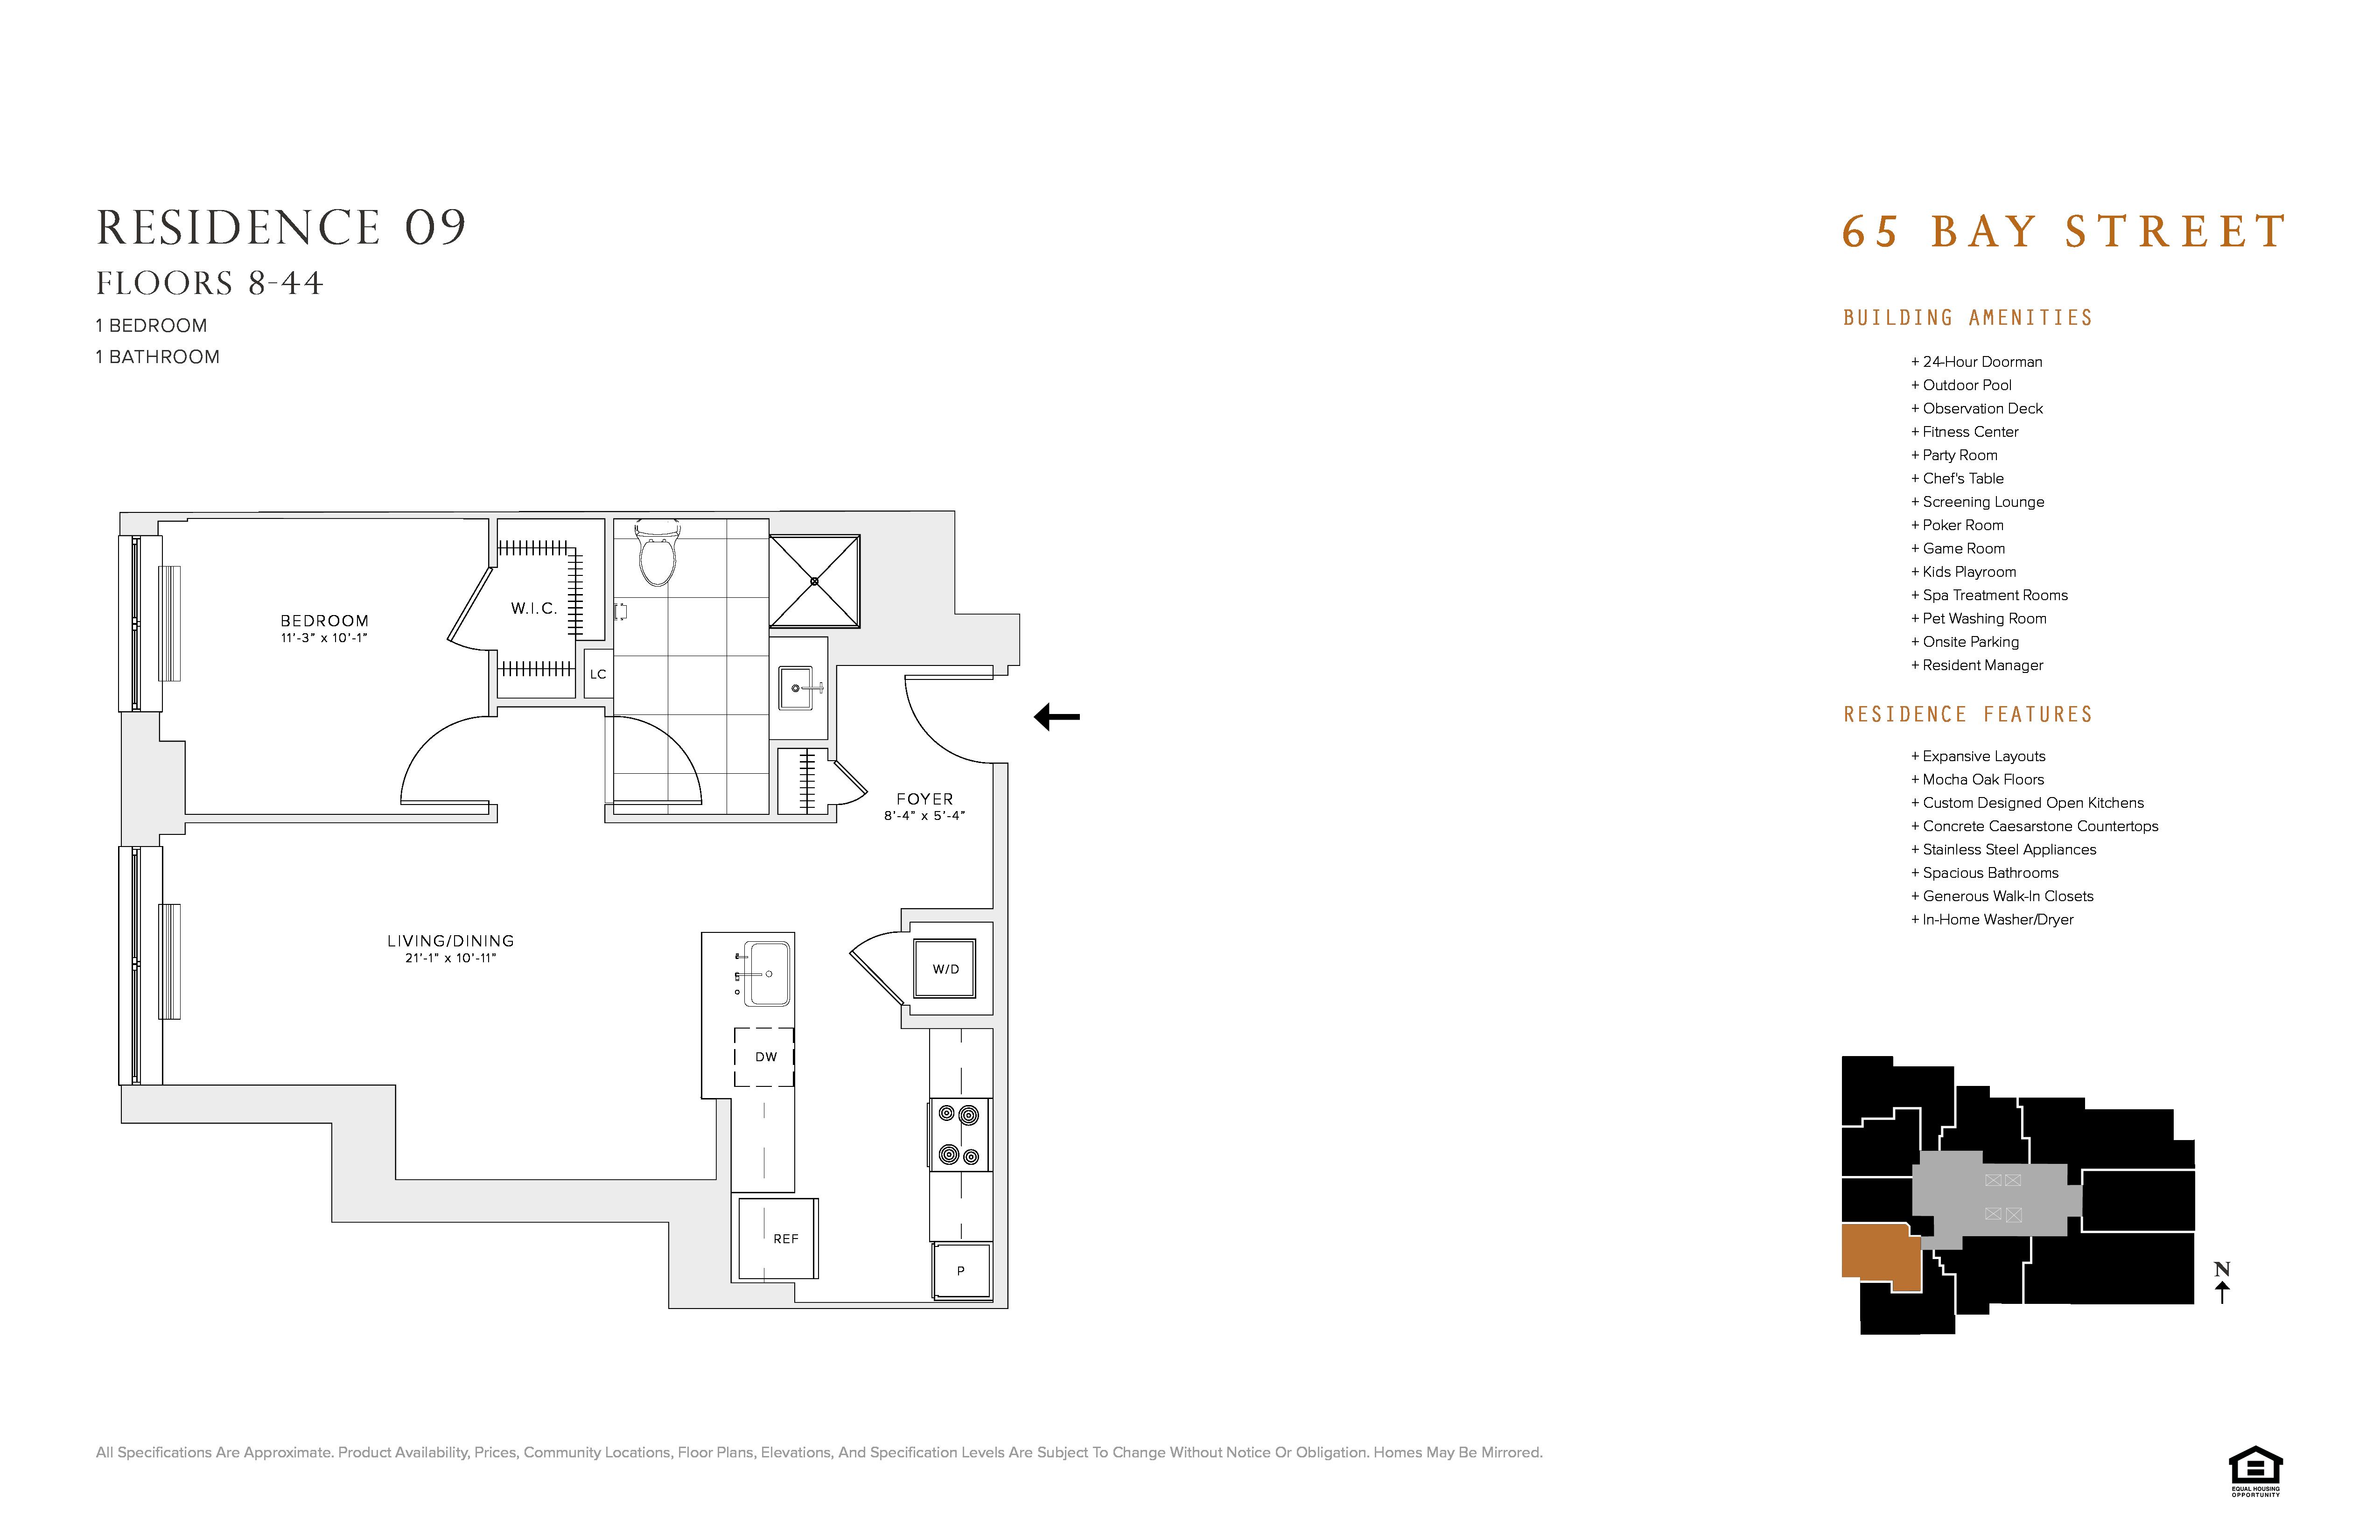 Floor Plans Of 65 Bay Street In Jersey City Nj